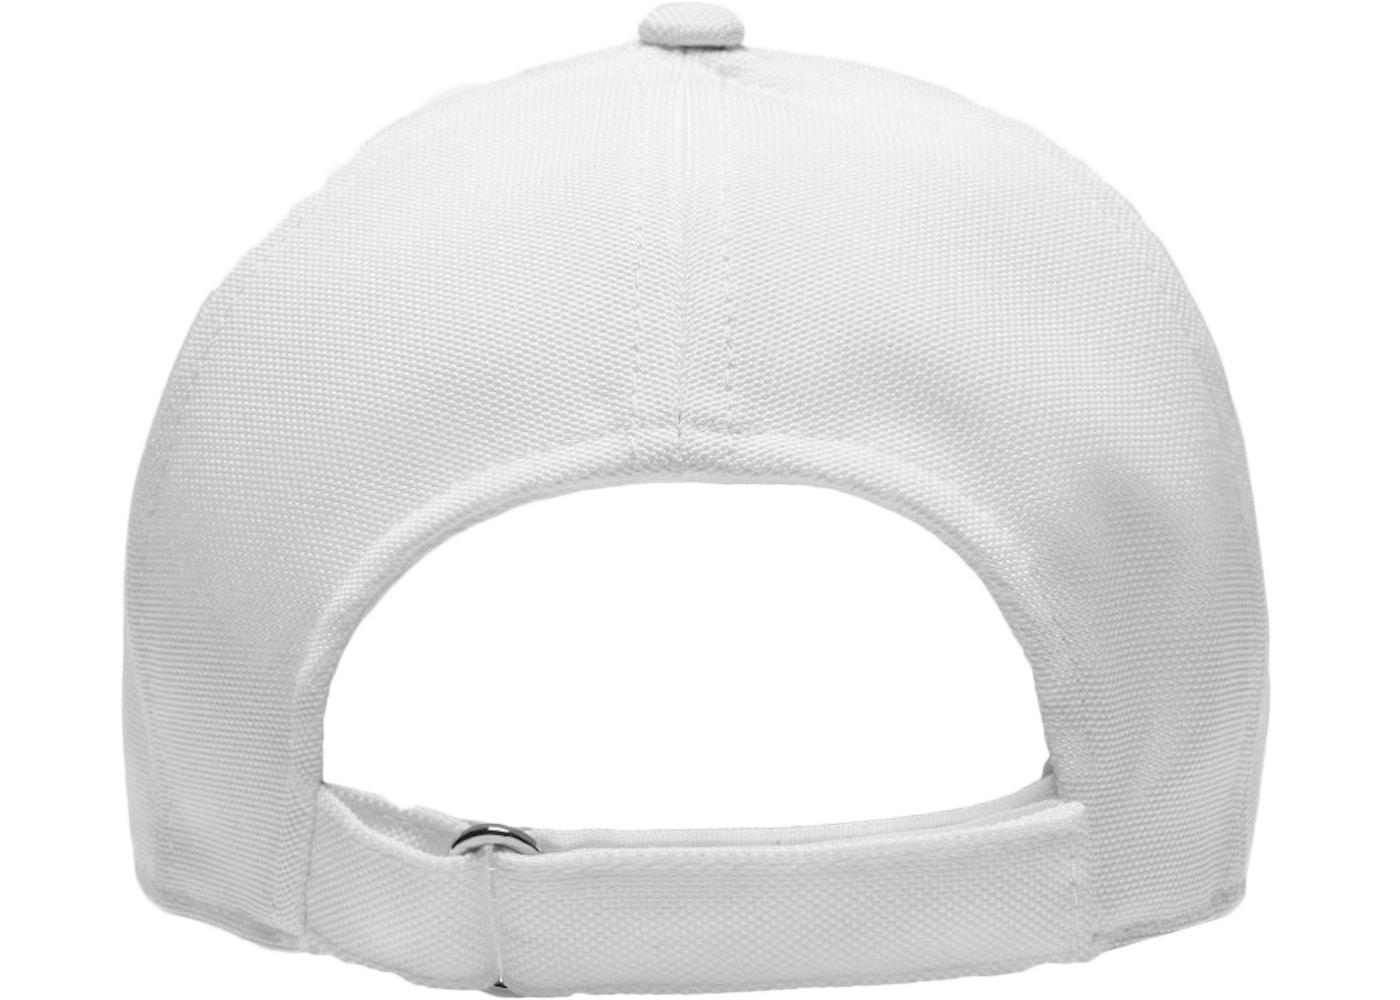 Kith Silver Classic Logo Cap White - FW17 34930669d114